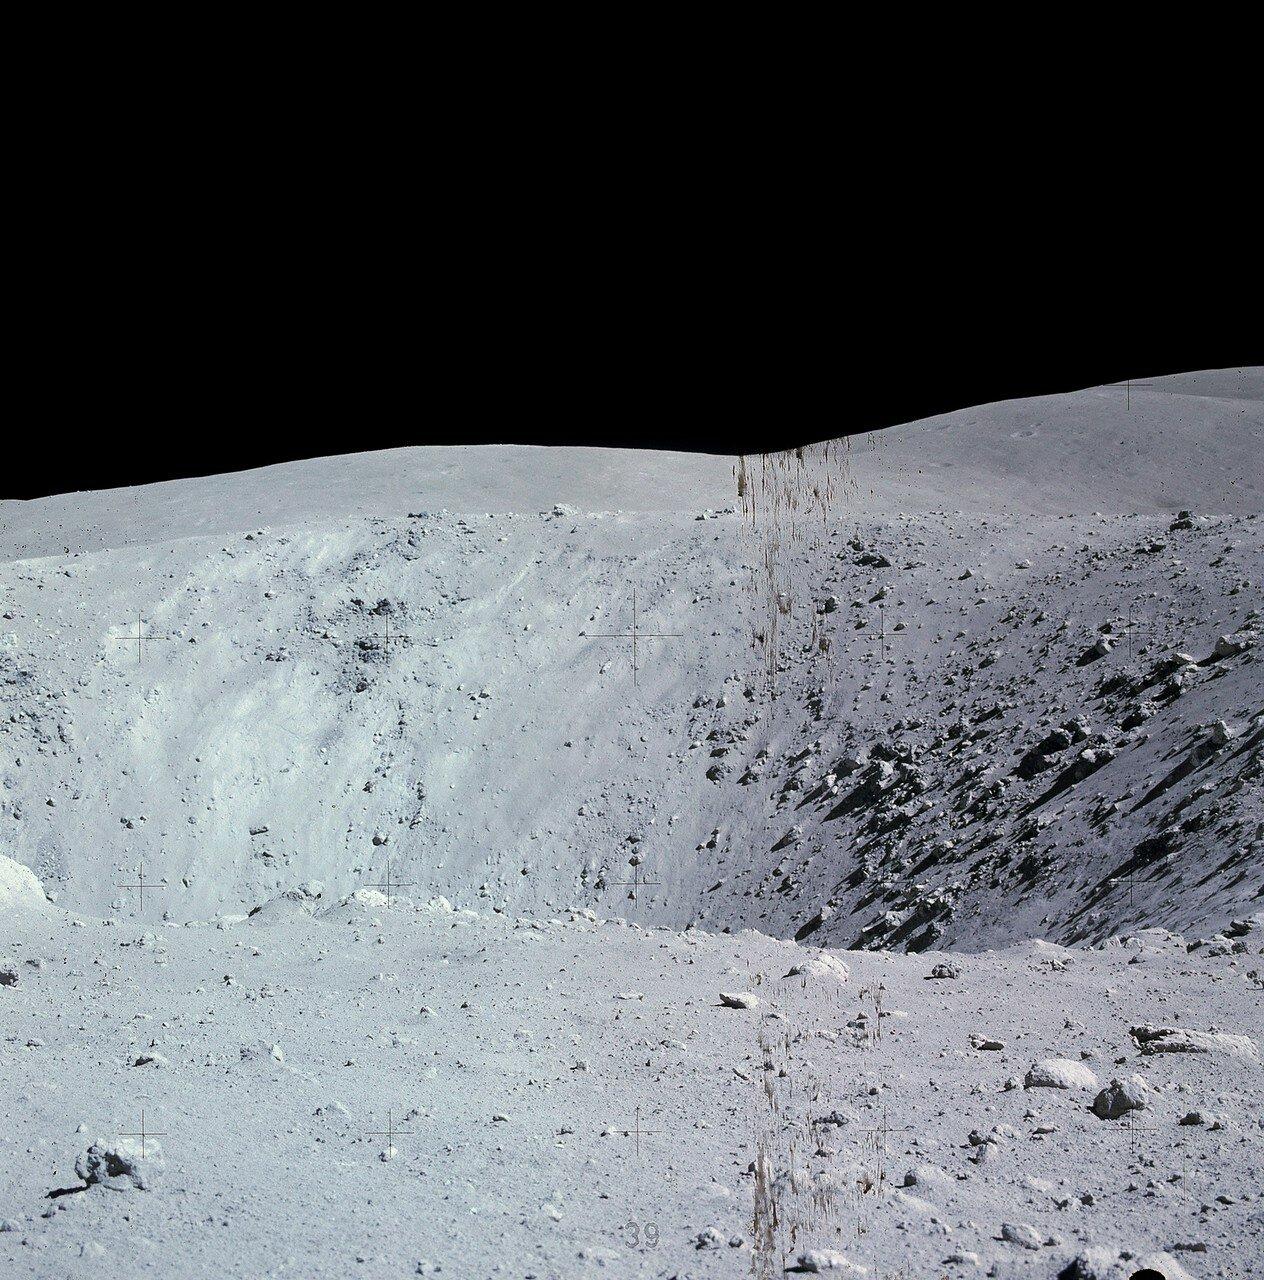 Кратер диаметром около 1 км и глубиной 230 м имел внутренние стенки крутизной 30—35°, и астронавты, даже стоя на самом краю, не видели его дна. На снимке: Кратер Северный Луч, снятый Янгом со Station 11